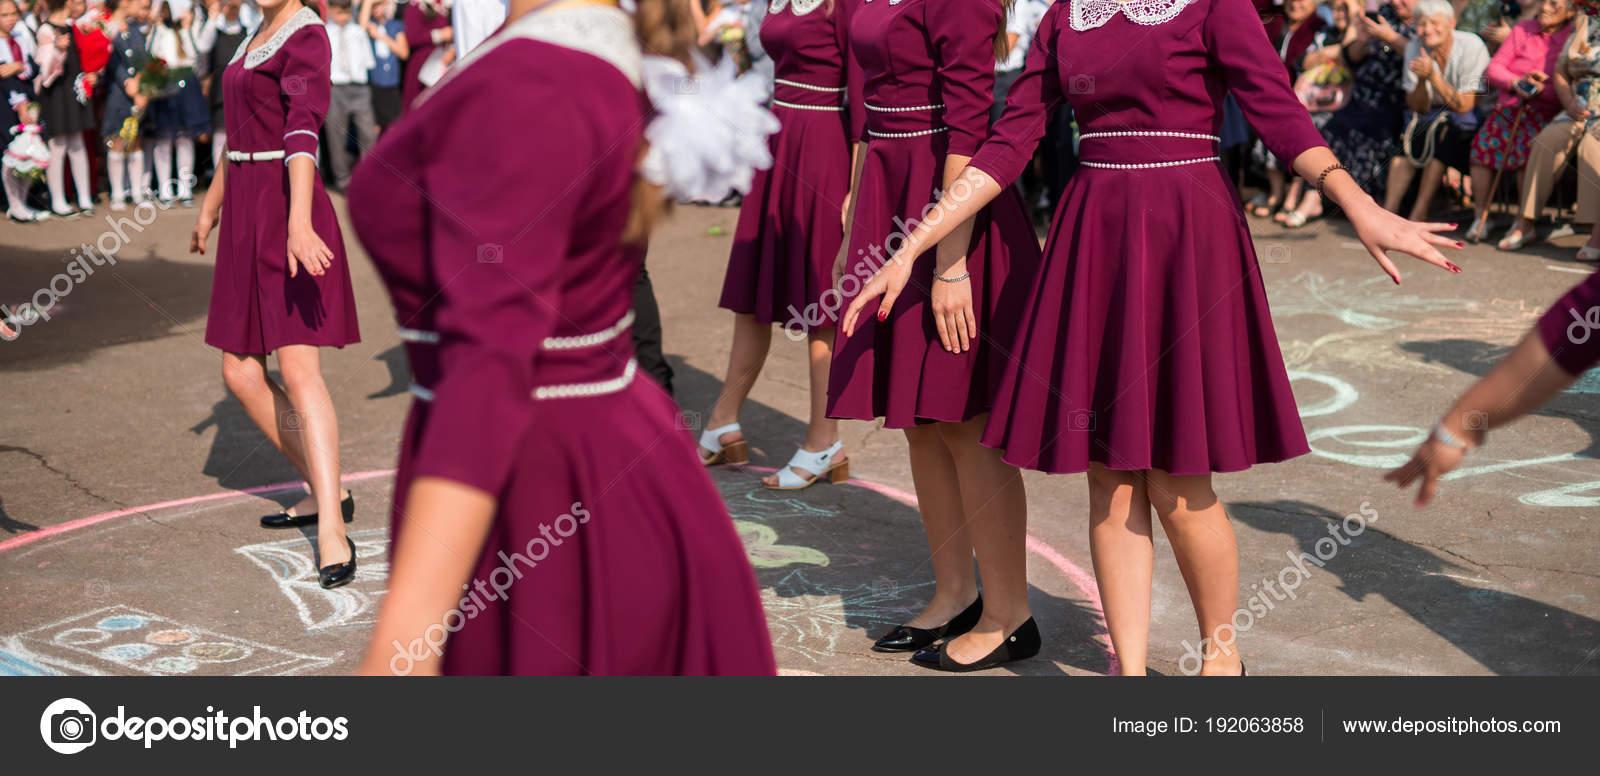 587d769e Absolwenci elegancki taniec Walc - Zdjęcie stockowe editorial ...